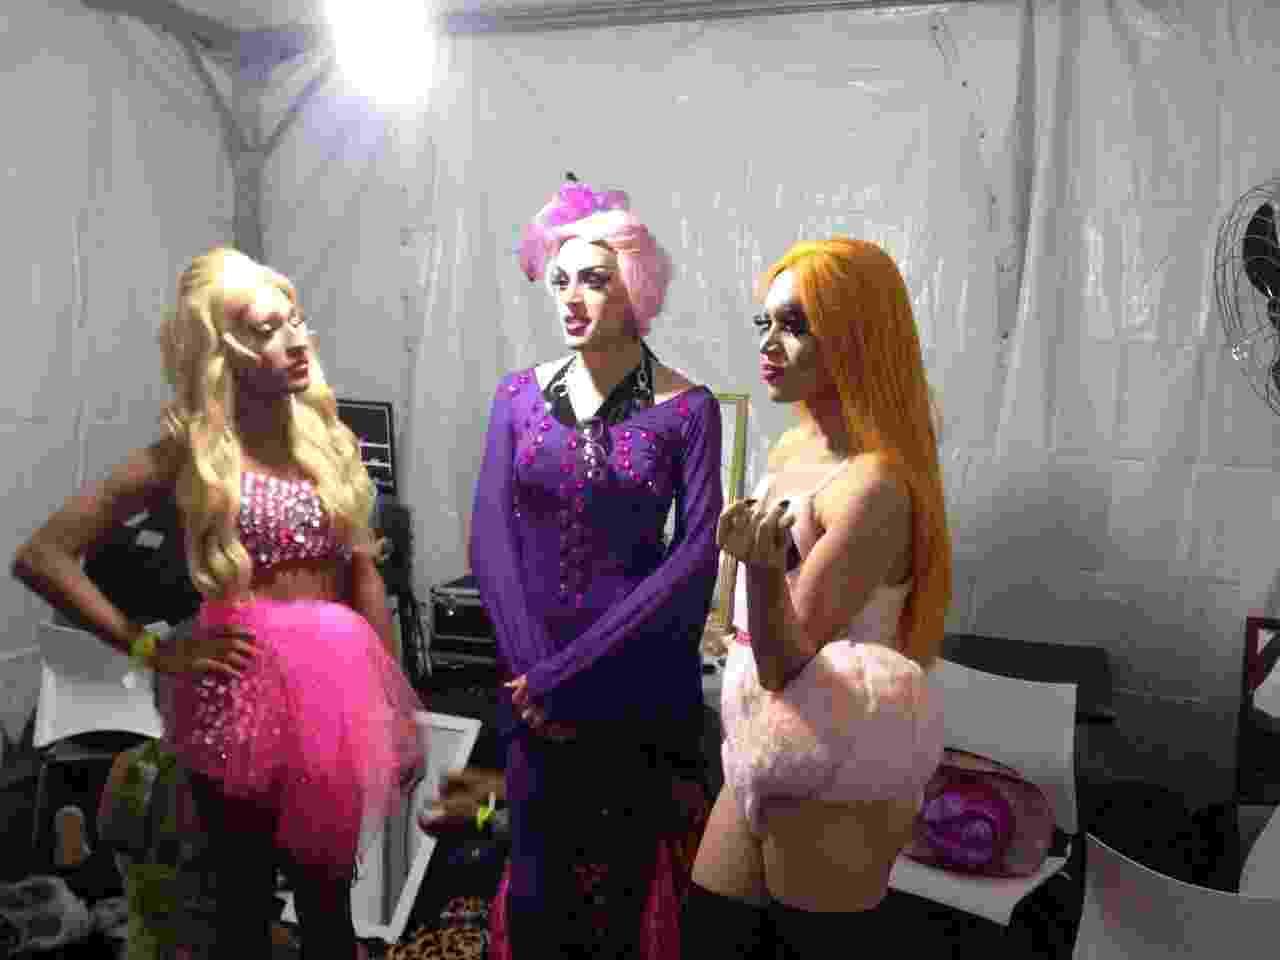 20.jun.2015 - Drag queens aguardam no camarim o início do concurso que vai eleger a rainha da Virada no palco Cabaret no Largo do Arouche, região central da São Paulo - Felipe Abilio/UOL